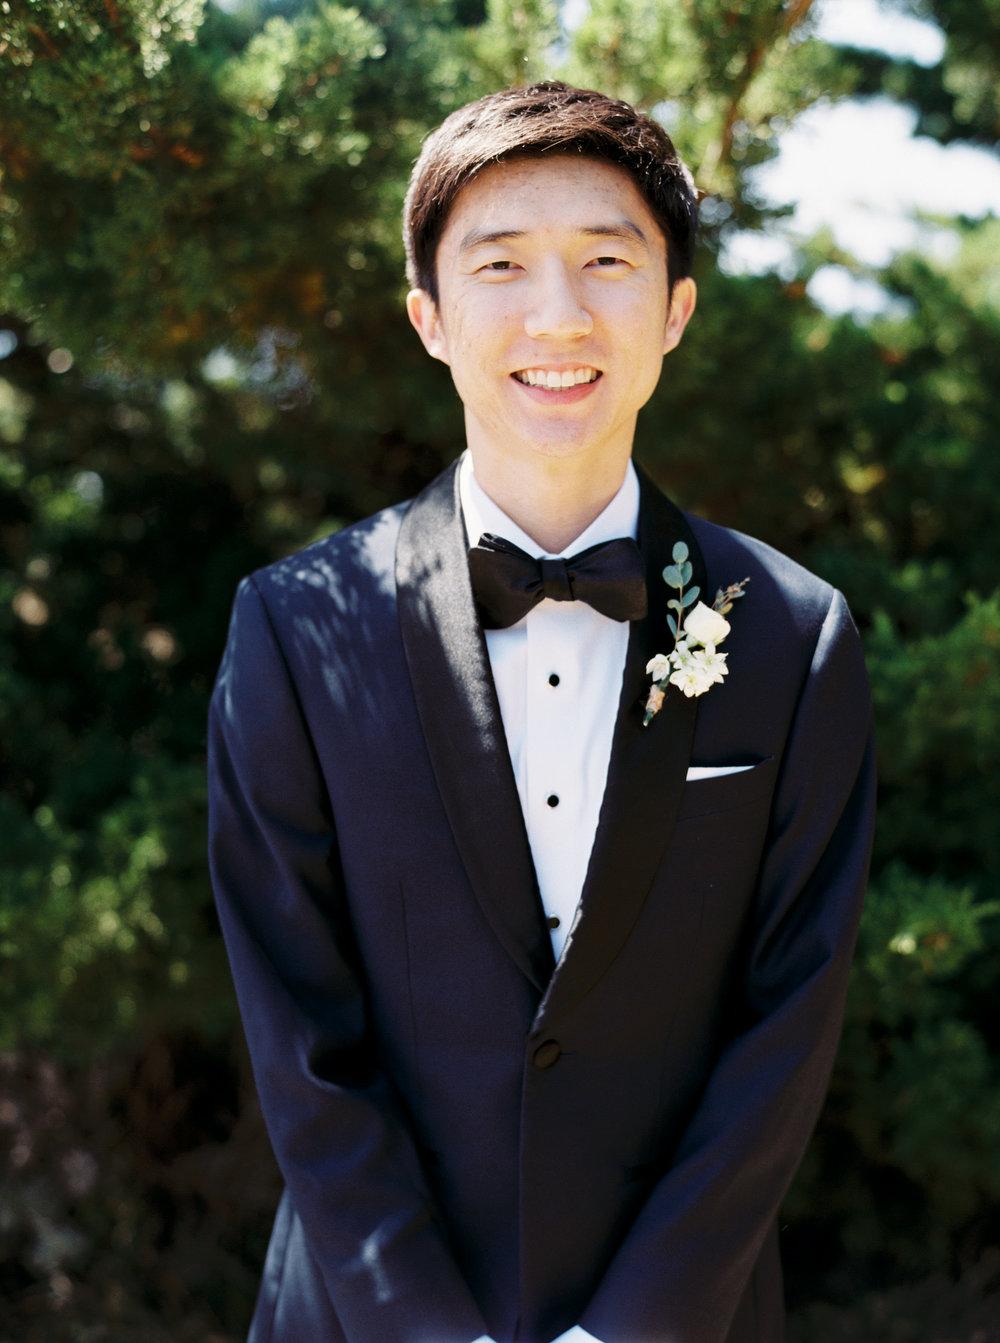 carmel-wedding-at-wedgewood-carmel-california-55.jpg